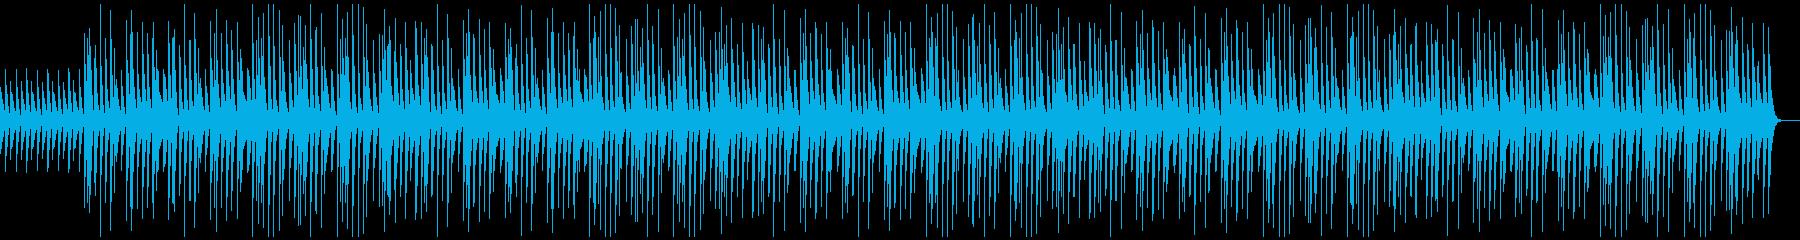 コミカル、かわいい、木琴、CMの再生済みの波形